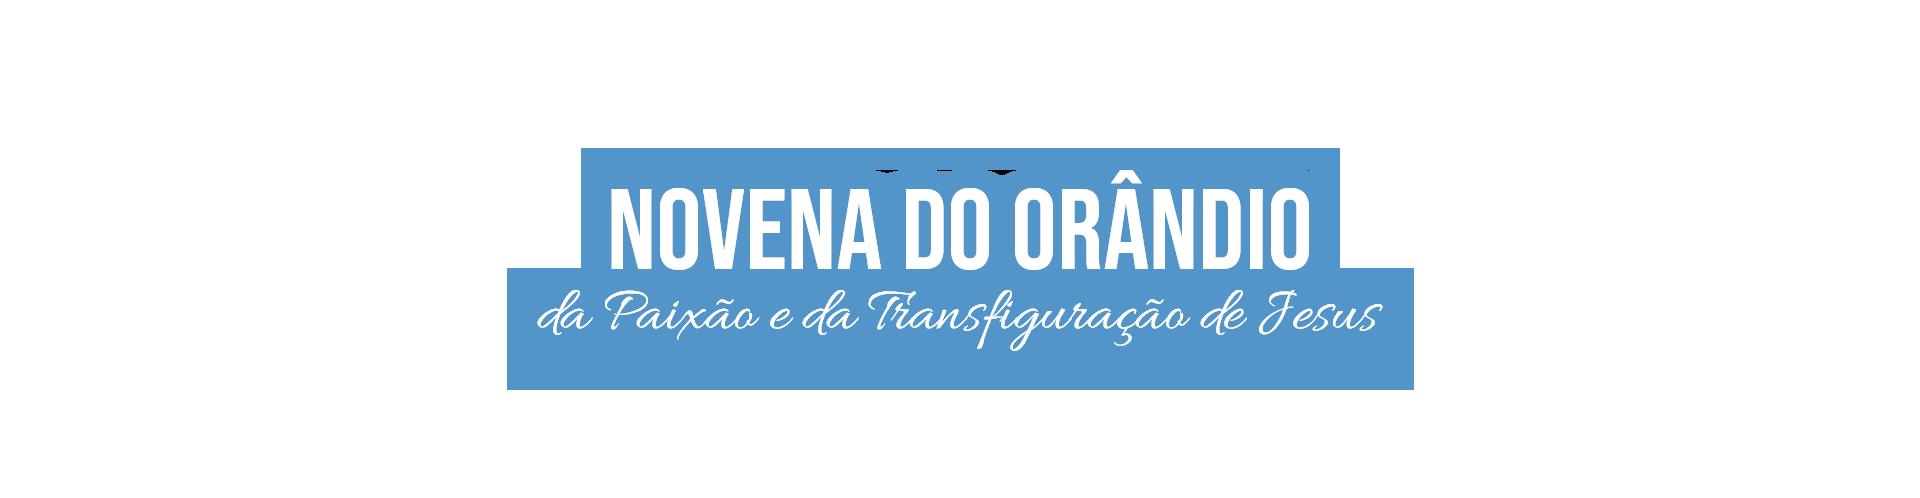 novena-do-orandio-pt.png